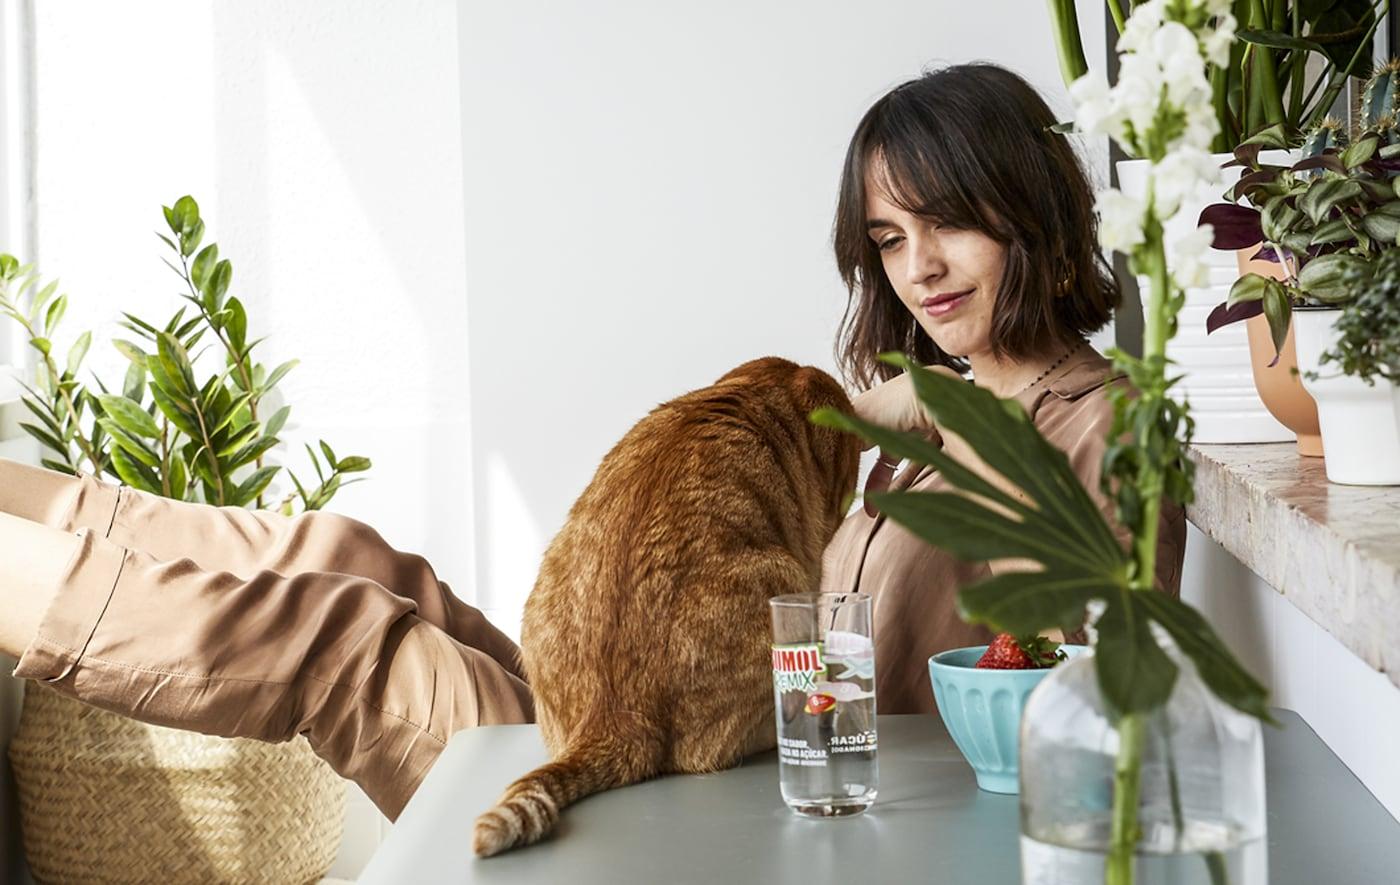 Una donna e un gatto accanto a un tavolo su un balcone bianco con tante piante in vaso - IKEA